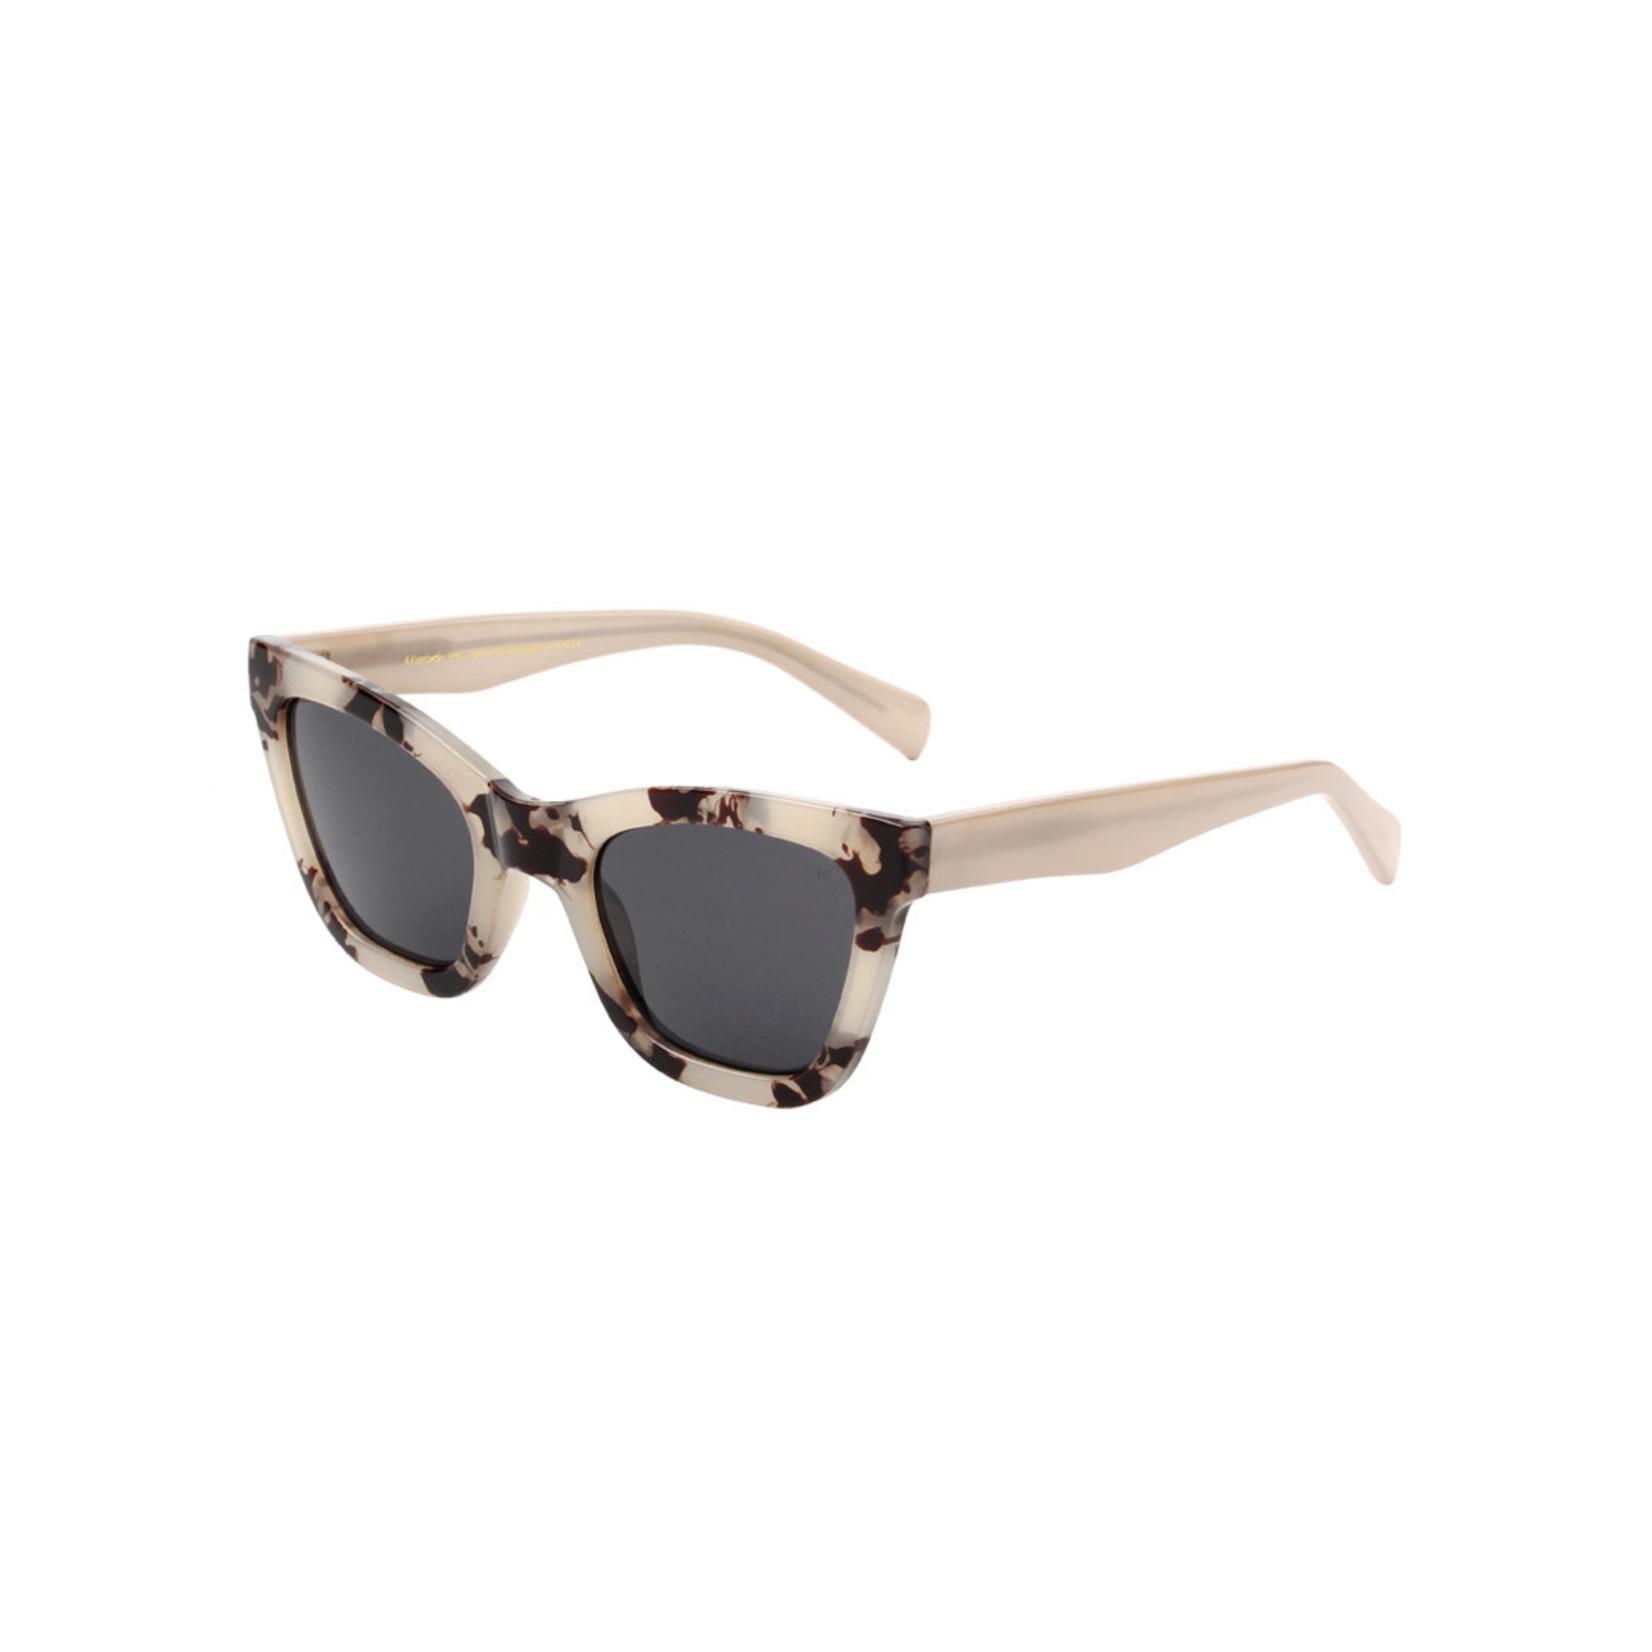 Kjearbede Kjearbede zonnebril  Big Kanye Hornet / KL2103-002